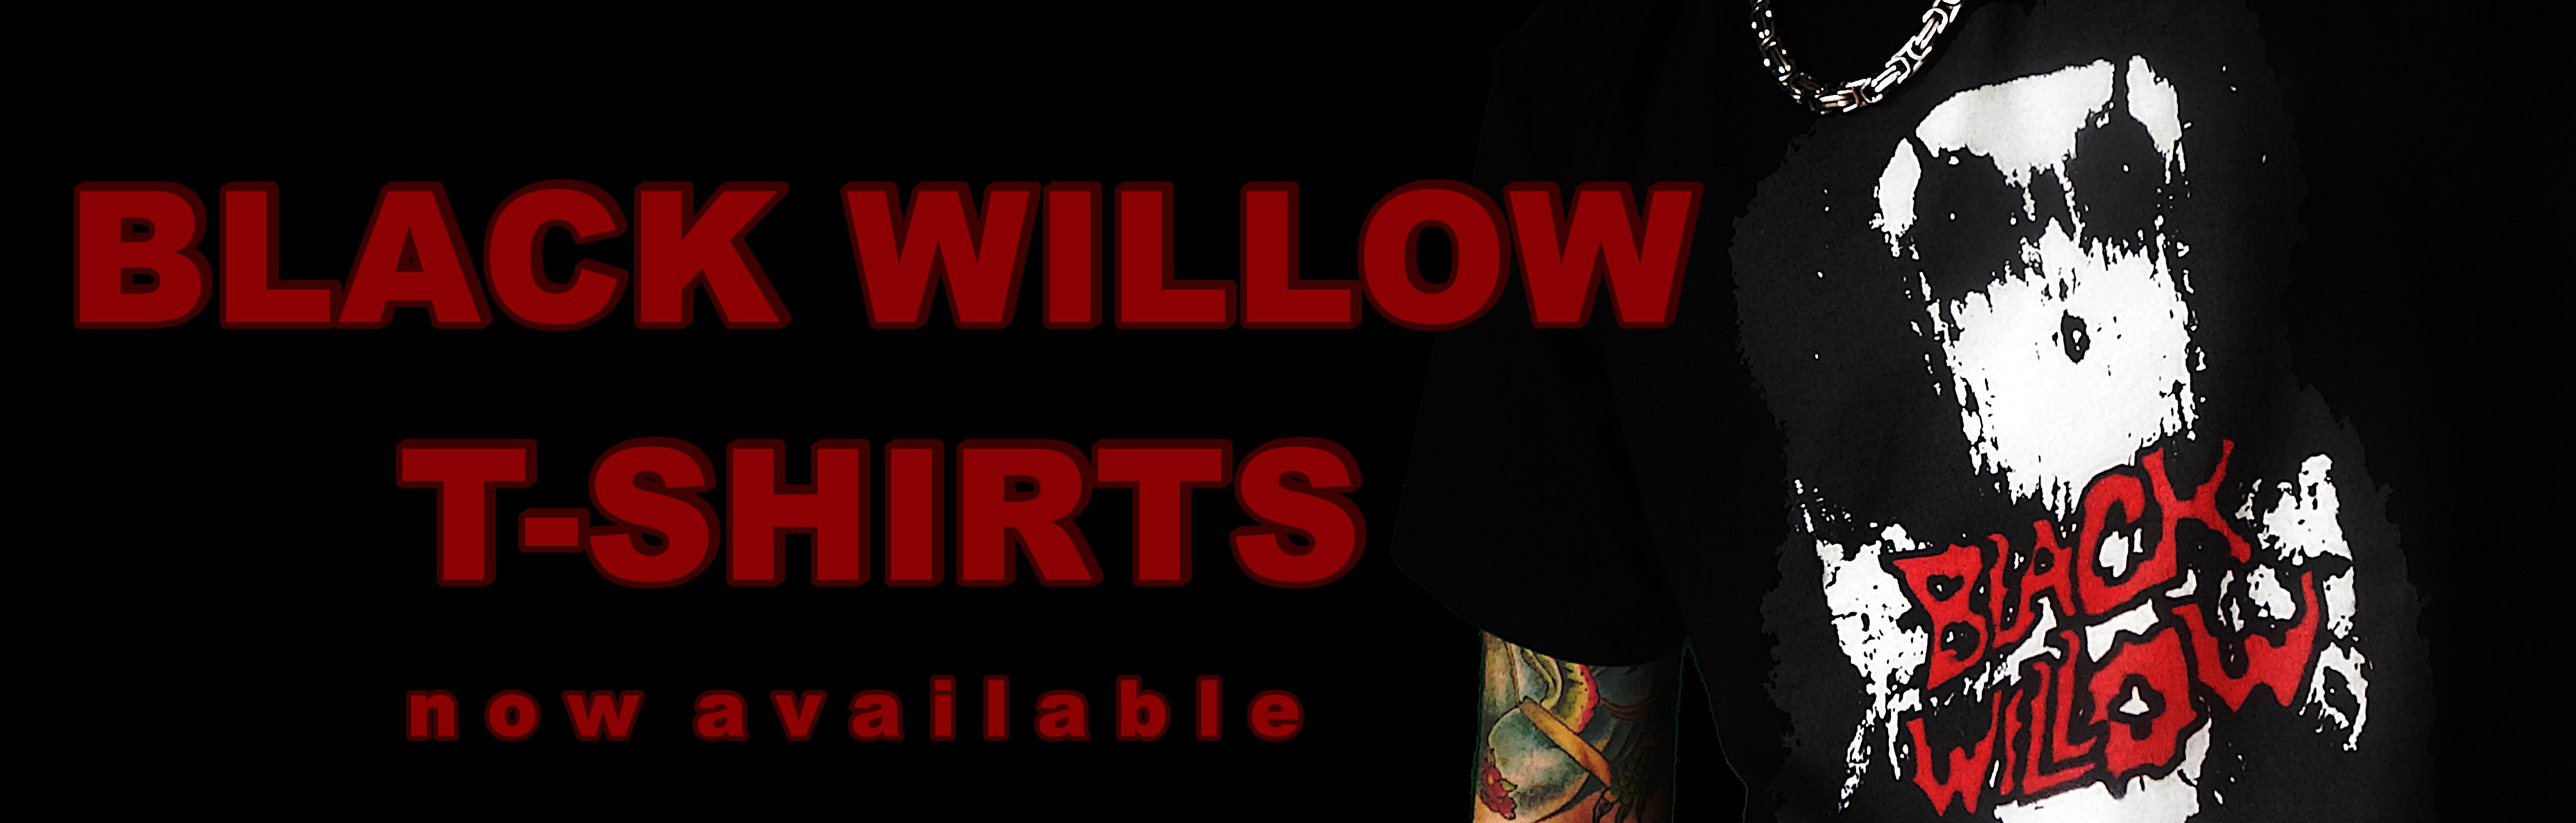 BlackWillowTshirts